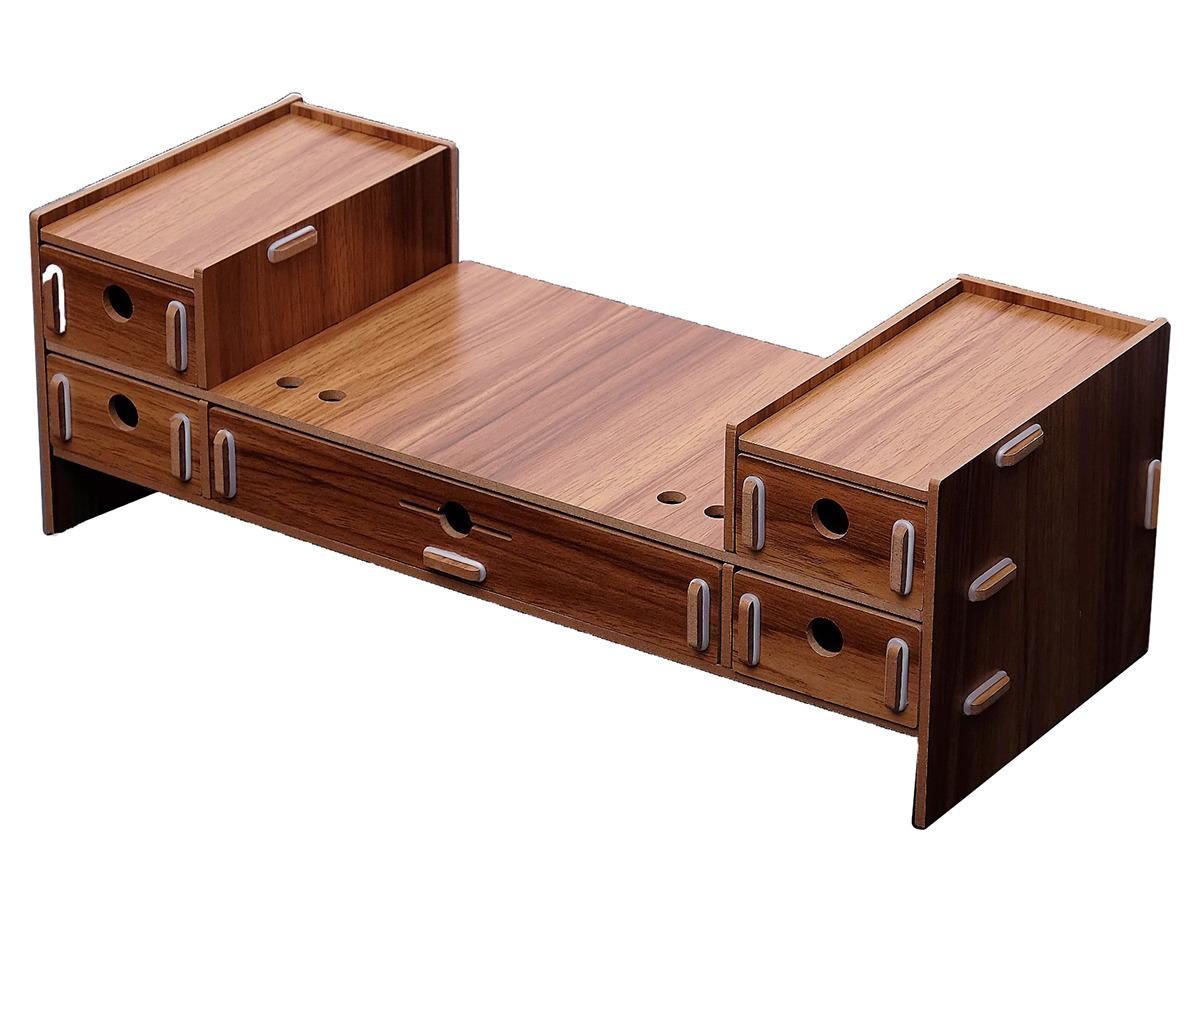 Органайзер для хранения канцелярских принадлежностей, сборный, 5 выдвижных ящиков, 3628379, коричневый, 48 х 19 х 16 см